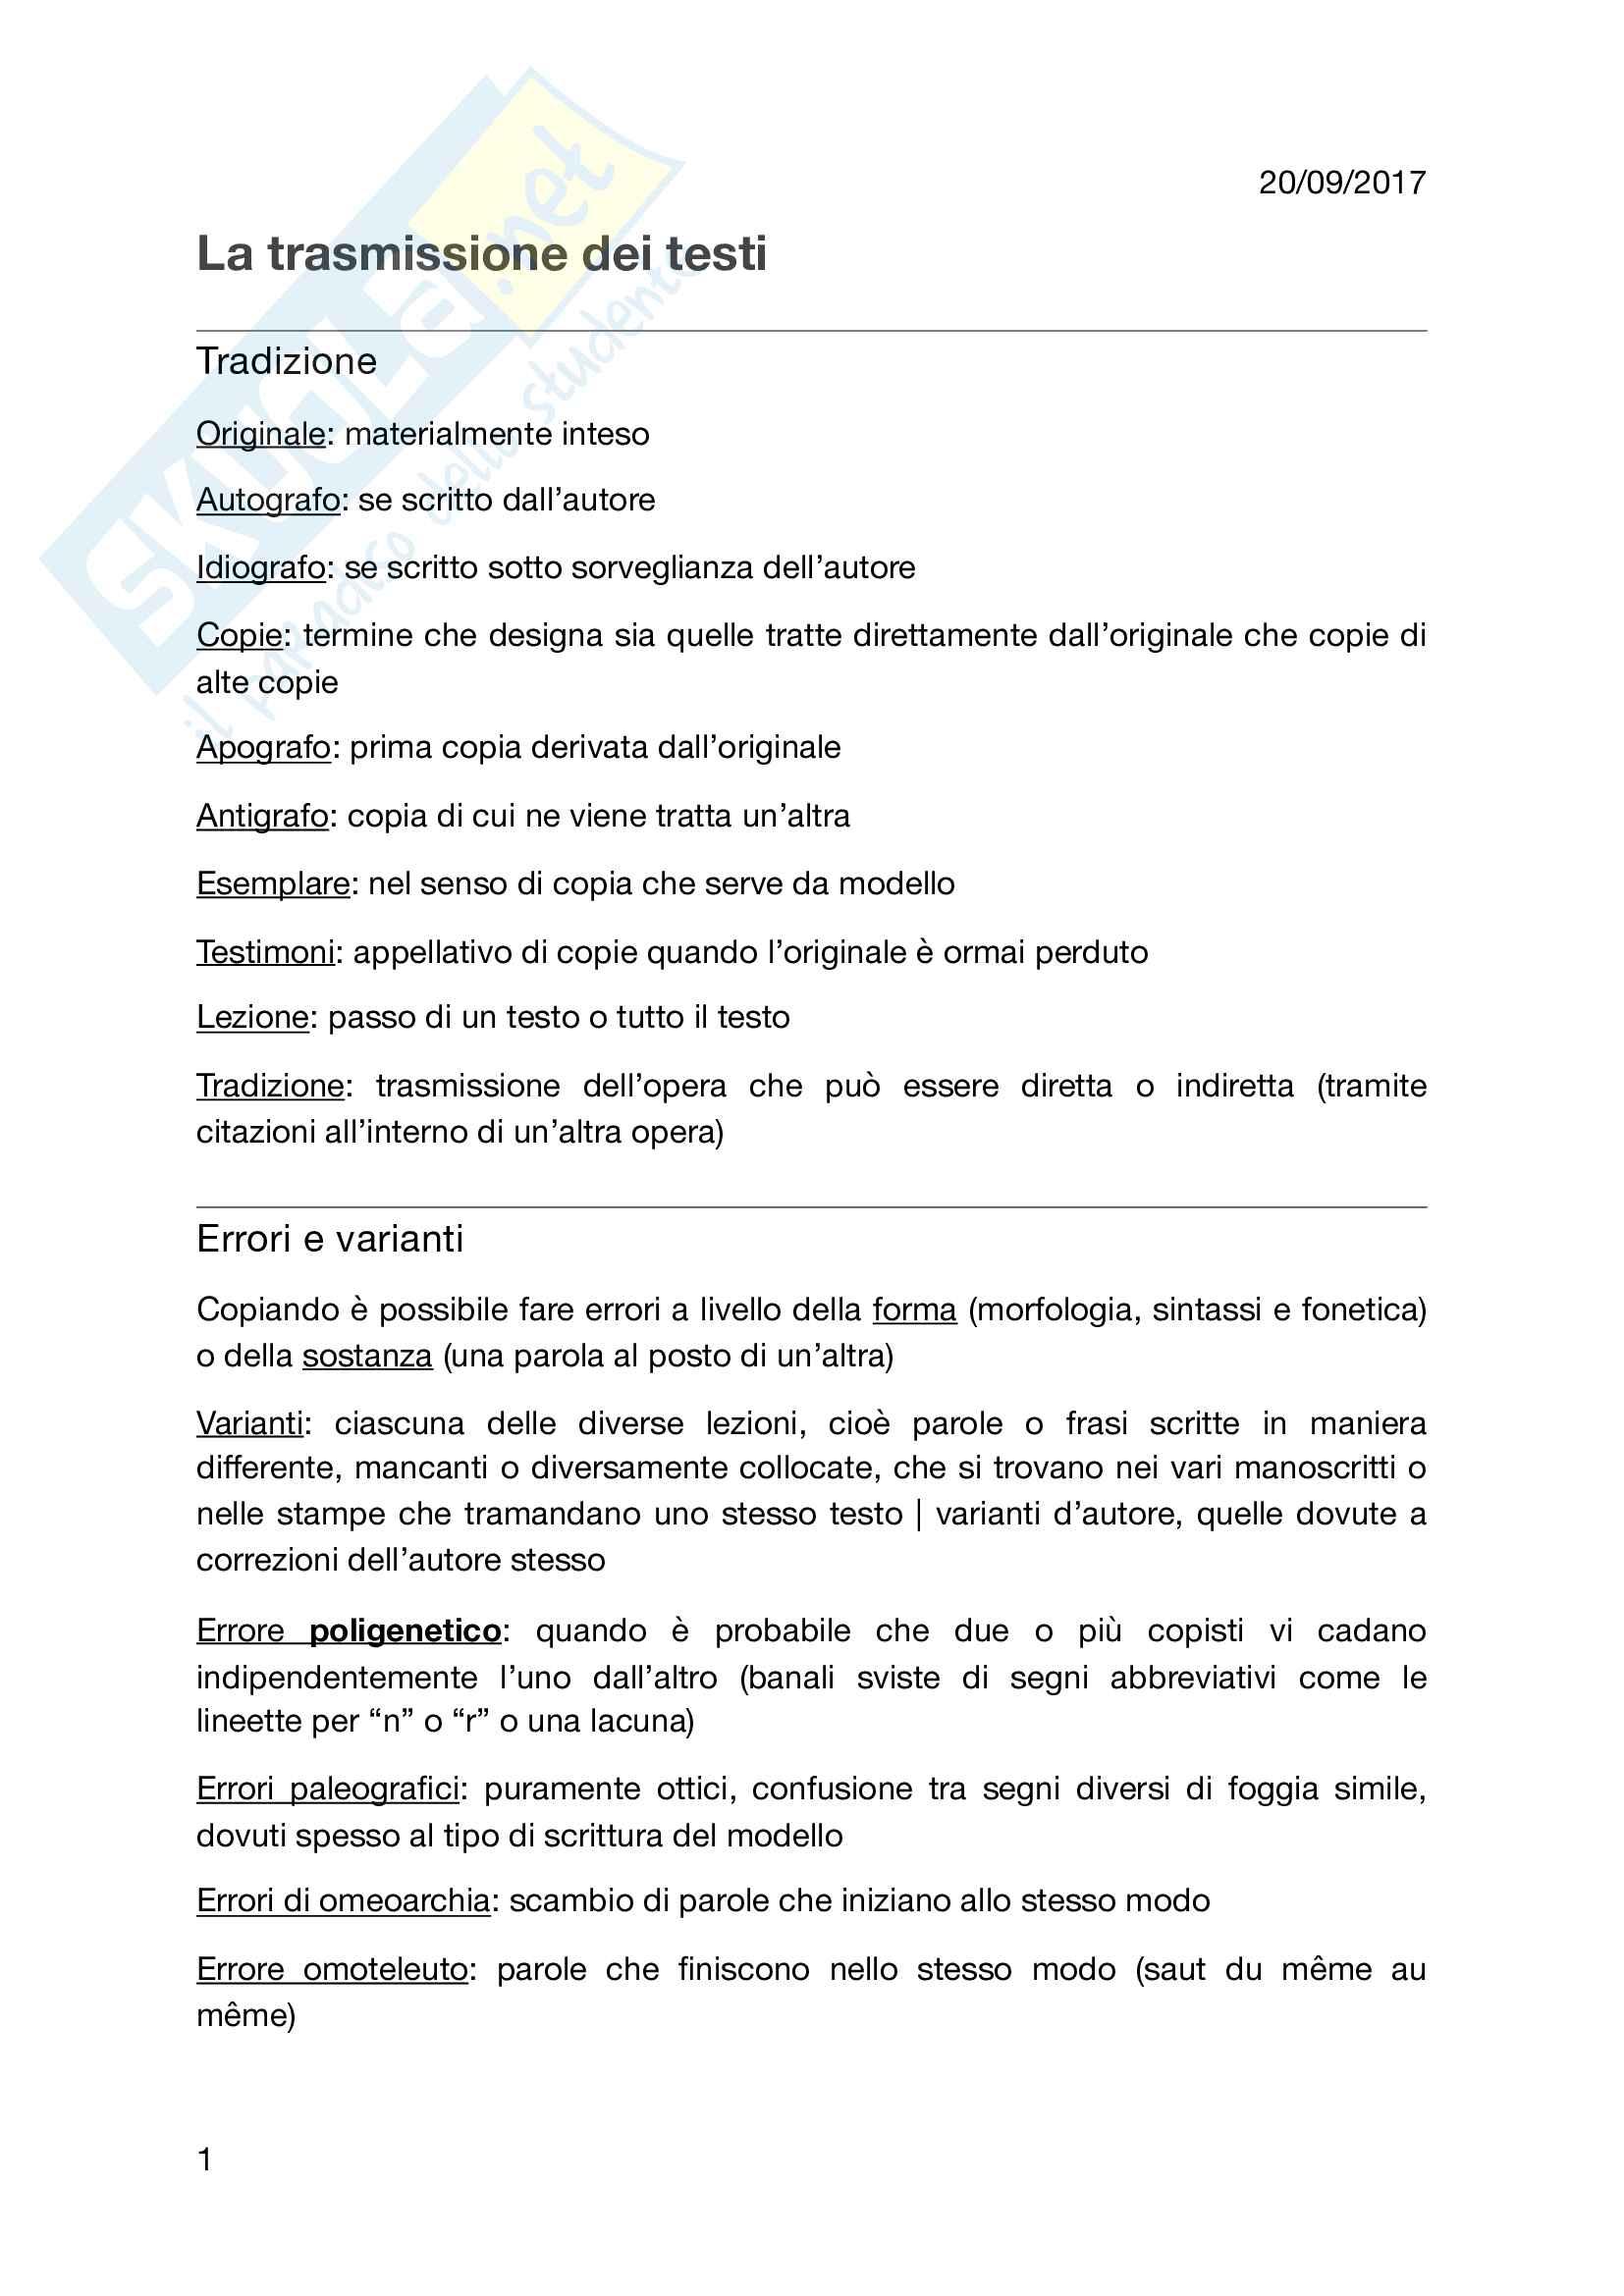 Riassunto esame filologia romanza, prof. Marinetti, libri consigliati A. Andreose e A. Stussi